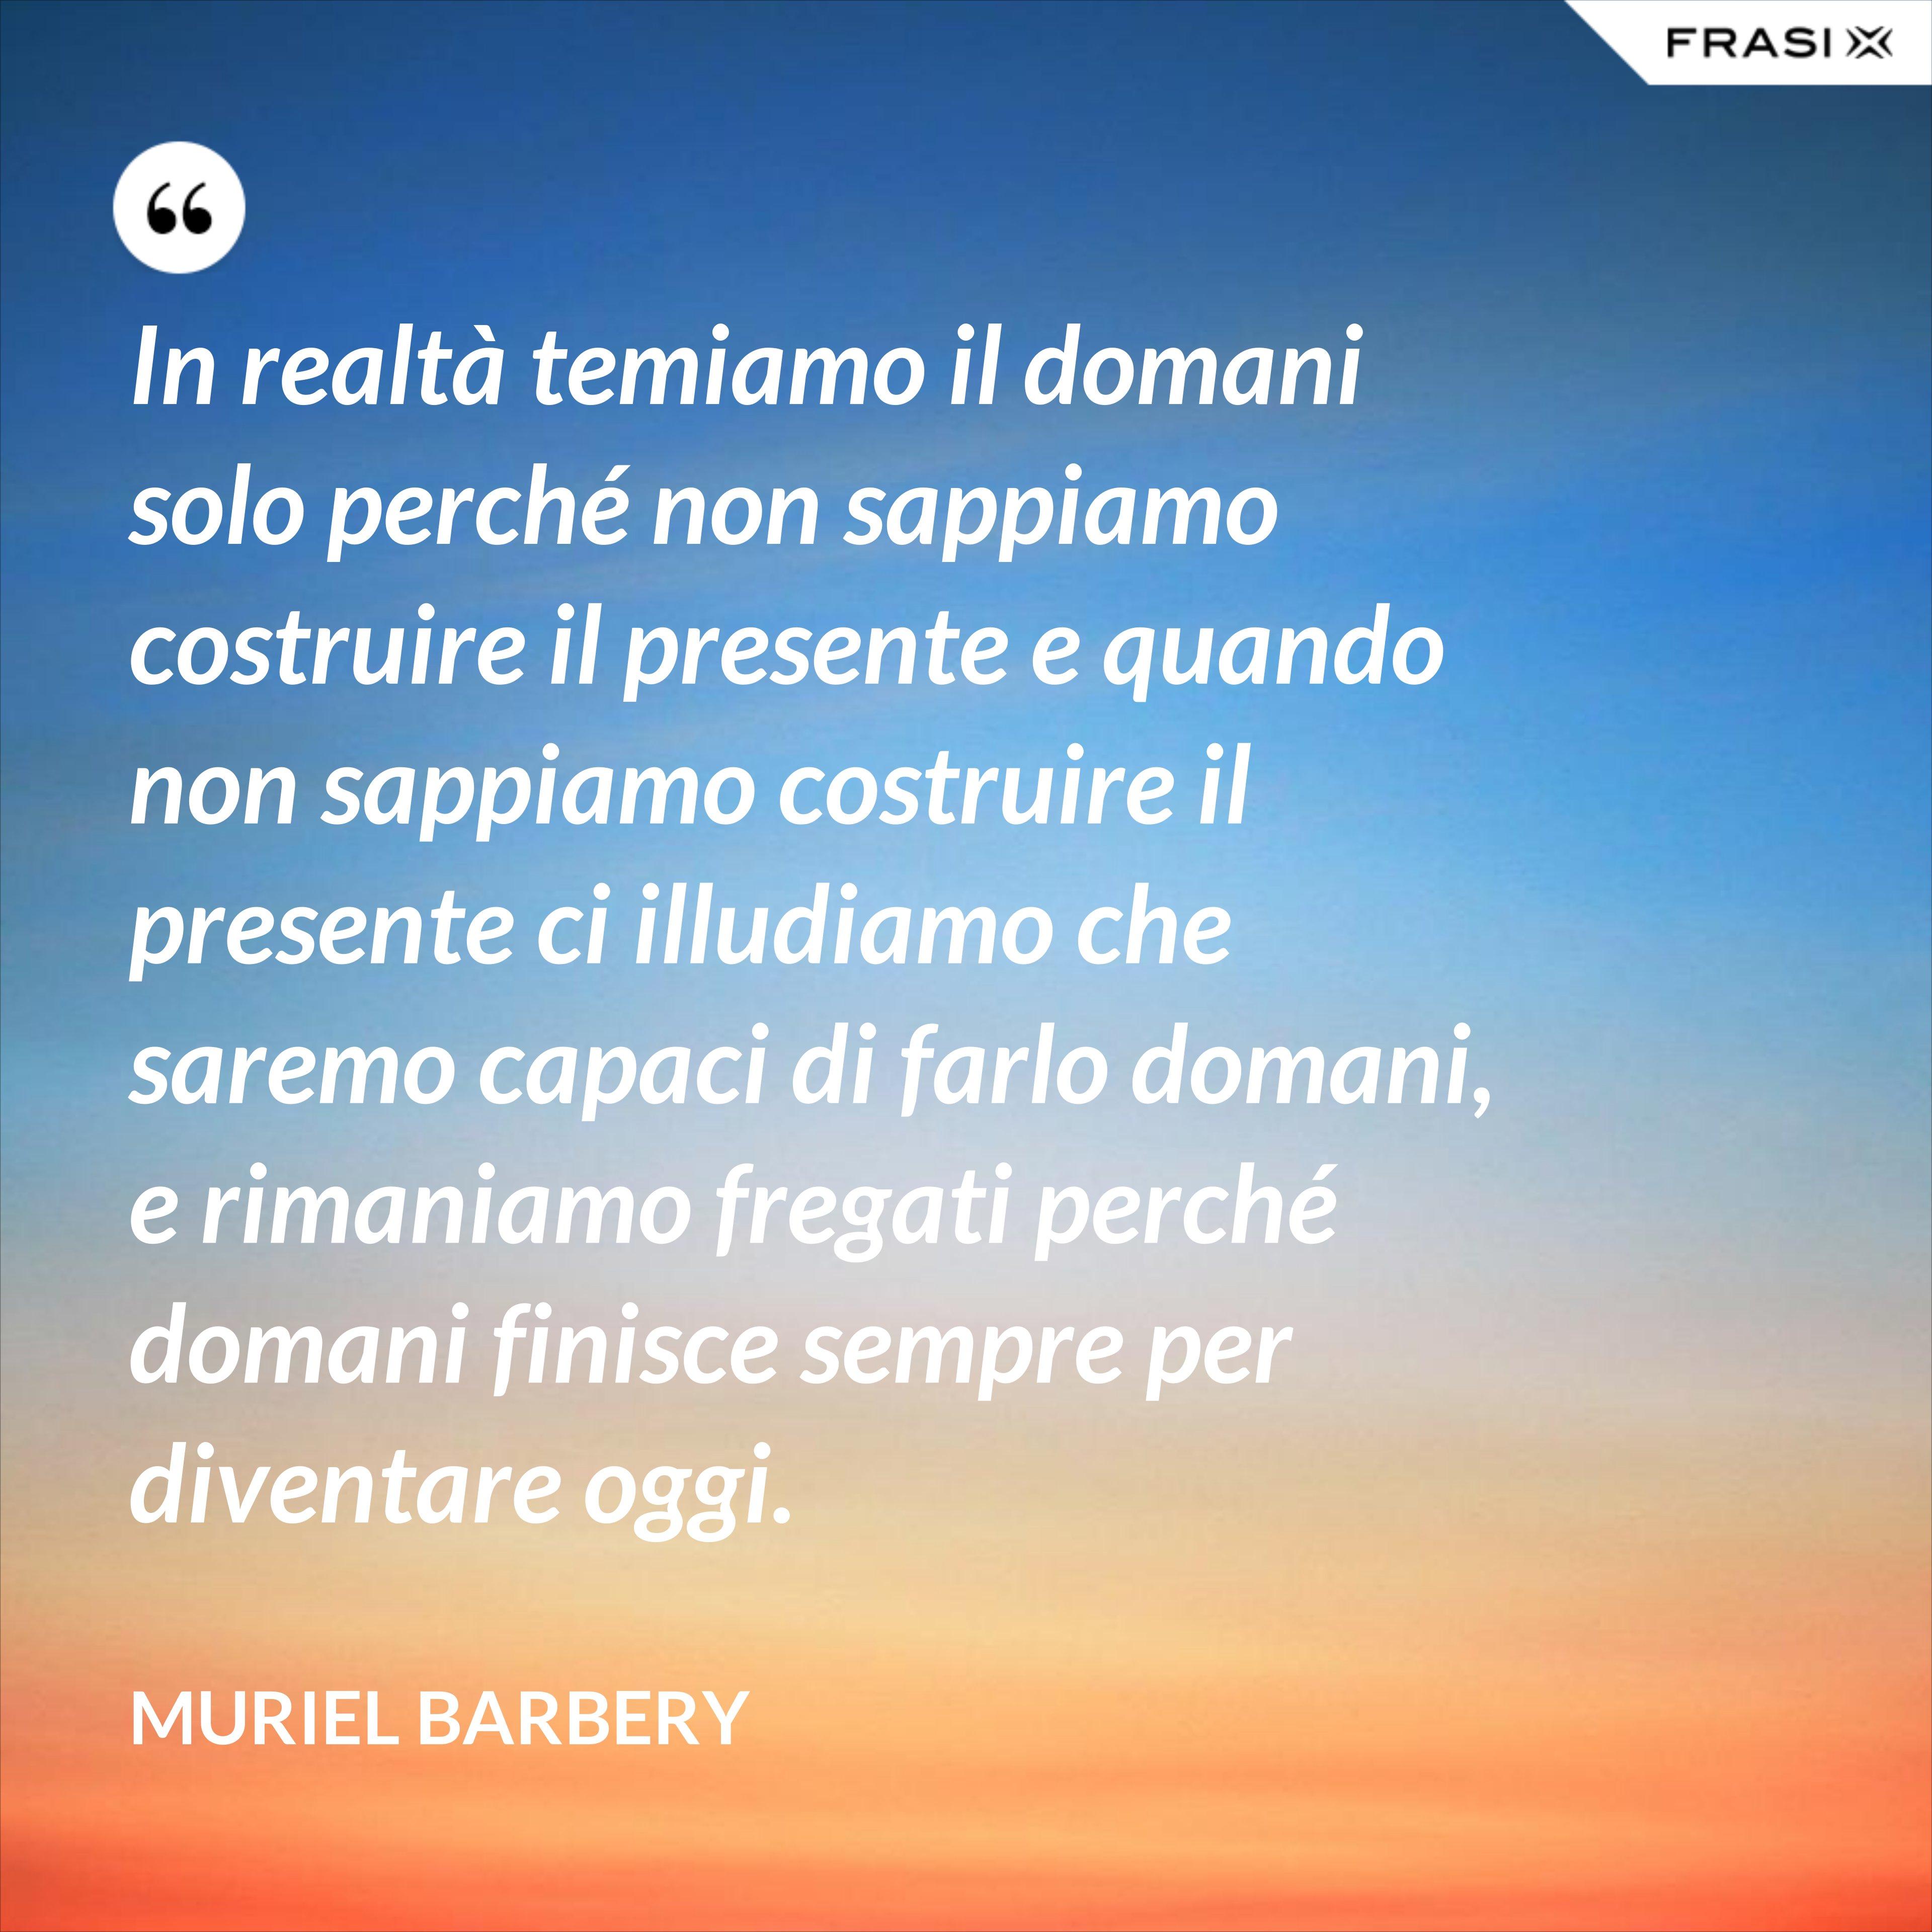 In realtà temiamo il domani solo perché non sappiamo costruire il presente e quando non sappiamo costruire il presente ci illudiamo che saremo capaci di farlo domani, e rimaniamo fregati perché domani finisce sempre per diventare oggi. - Muriel Barbery